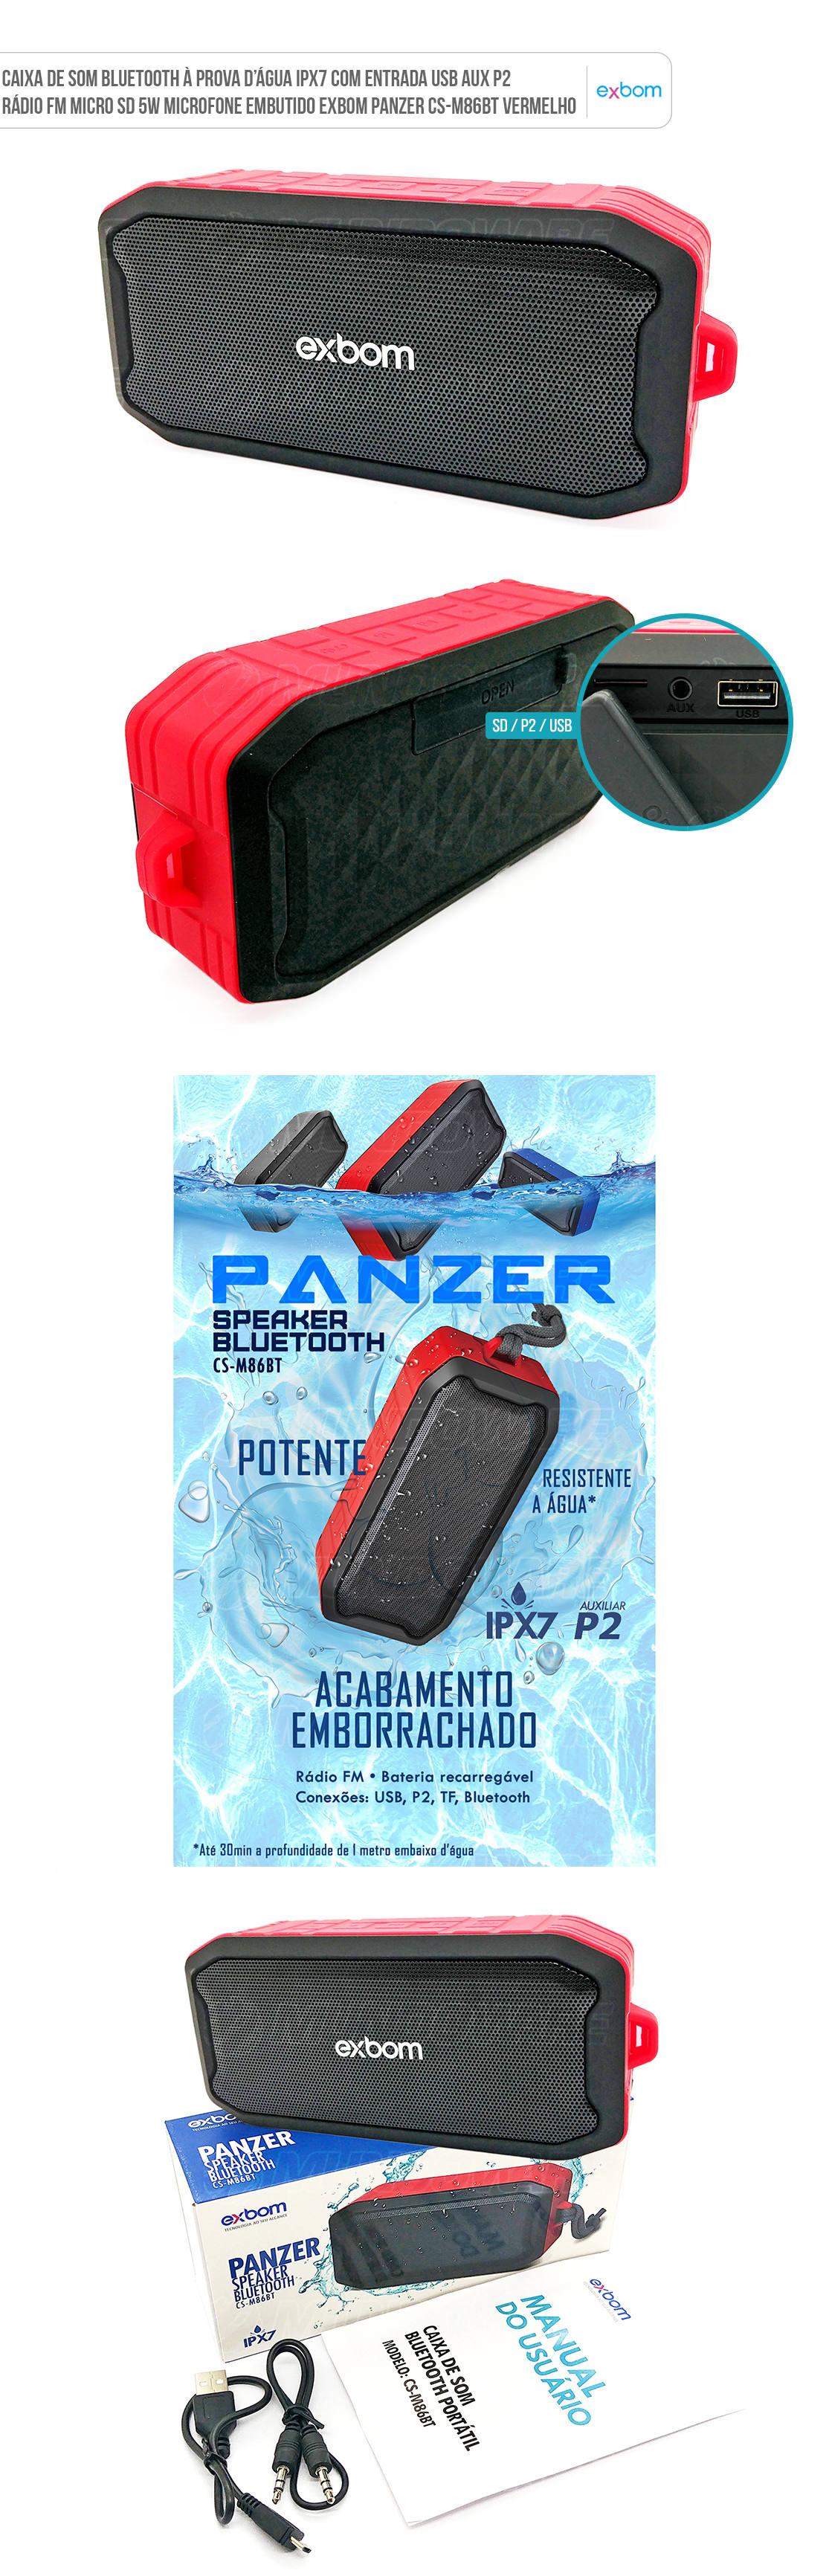 Caixa Portátil Bluetooth IPX7 a prova de água com acabamento emborrachado rádio fm usb cartão sd p2 auxiliar